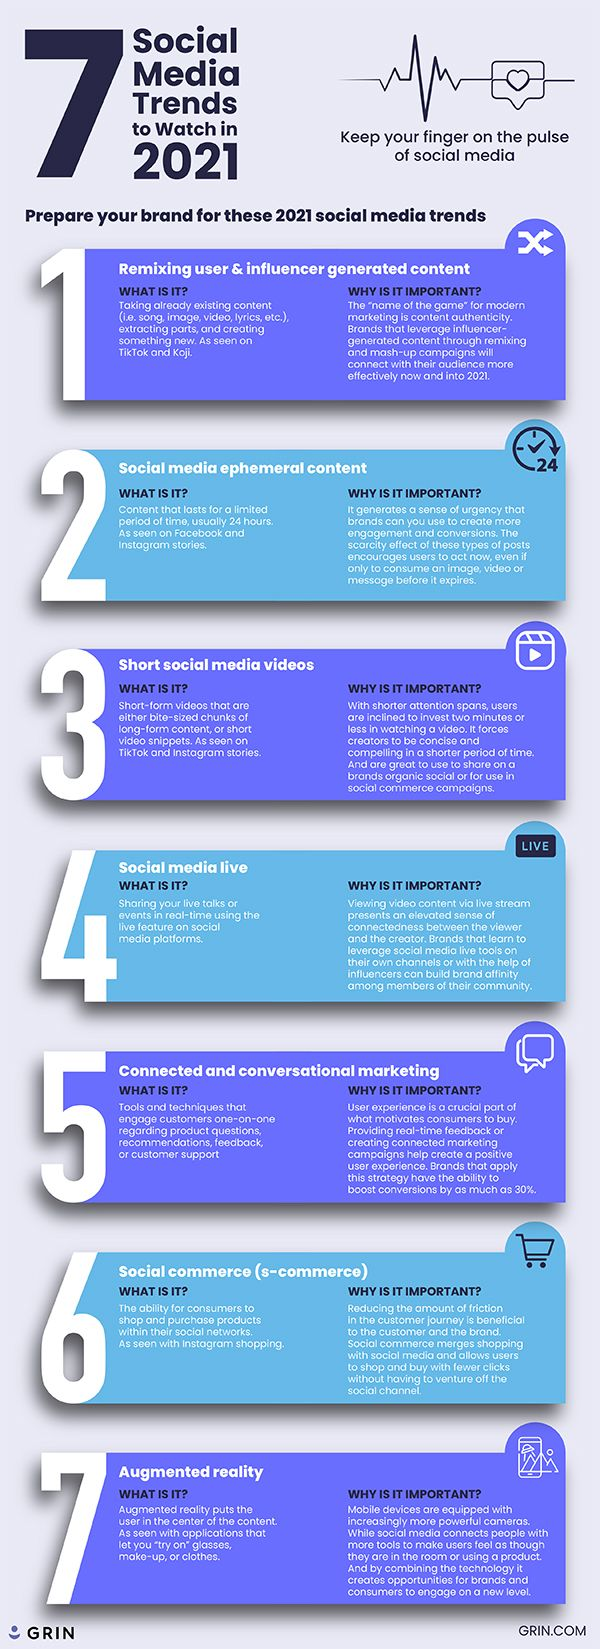 7 Social Media Trends To Watch In 2021 Social Media Trends Social Media Marketing Trends Marketing Strategy Social Media